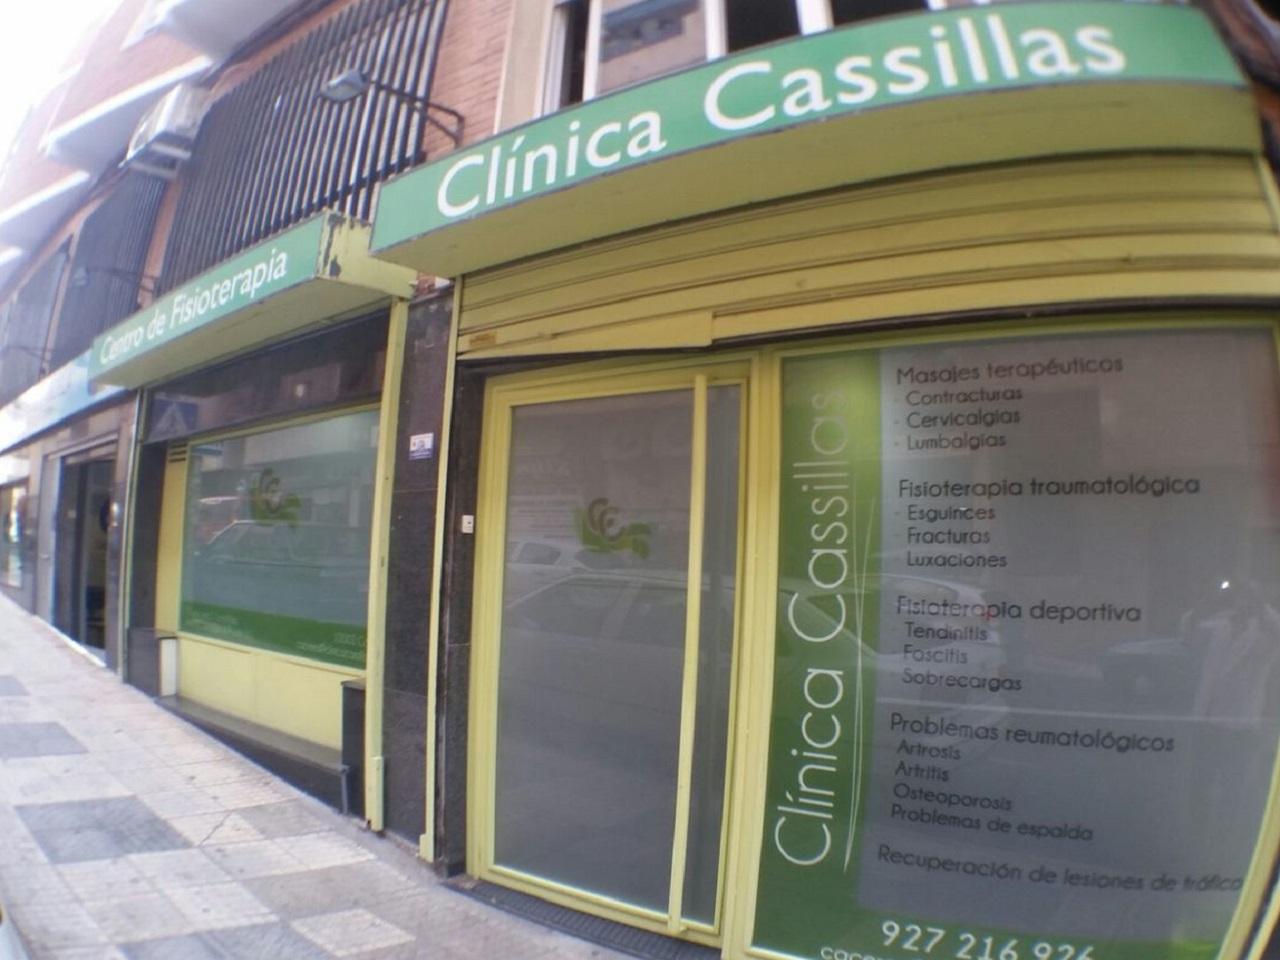 CLINICA CASSILLAS